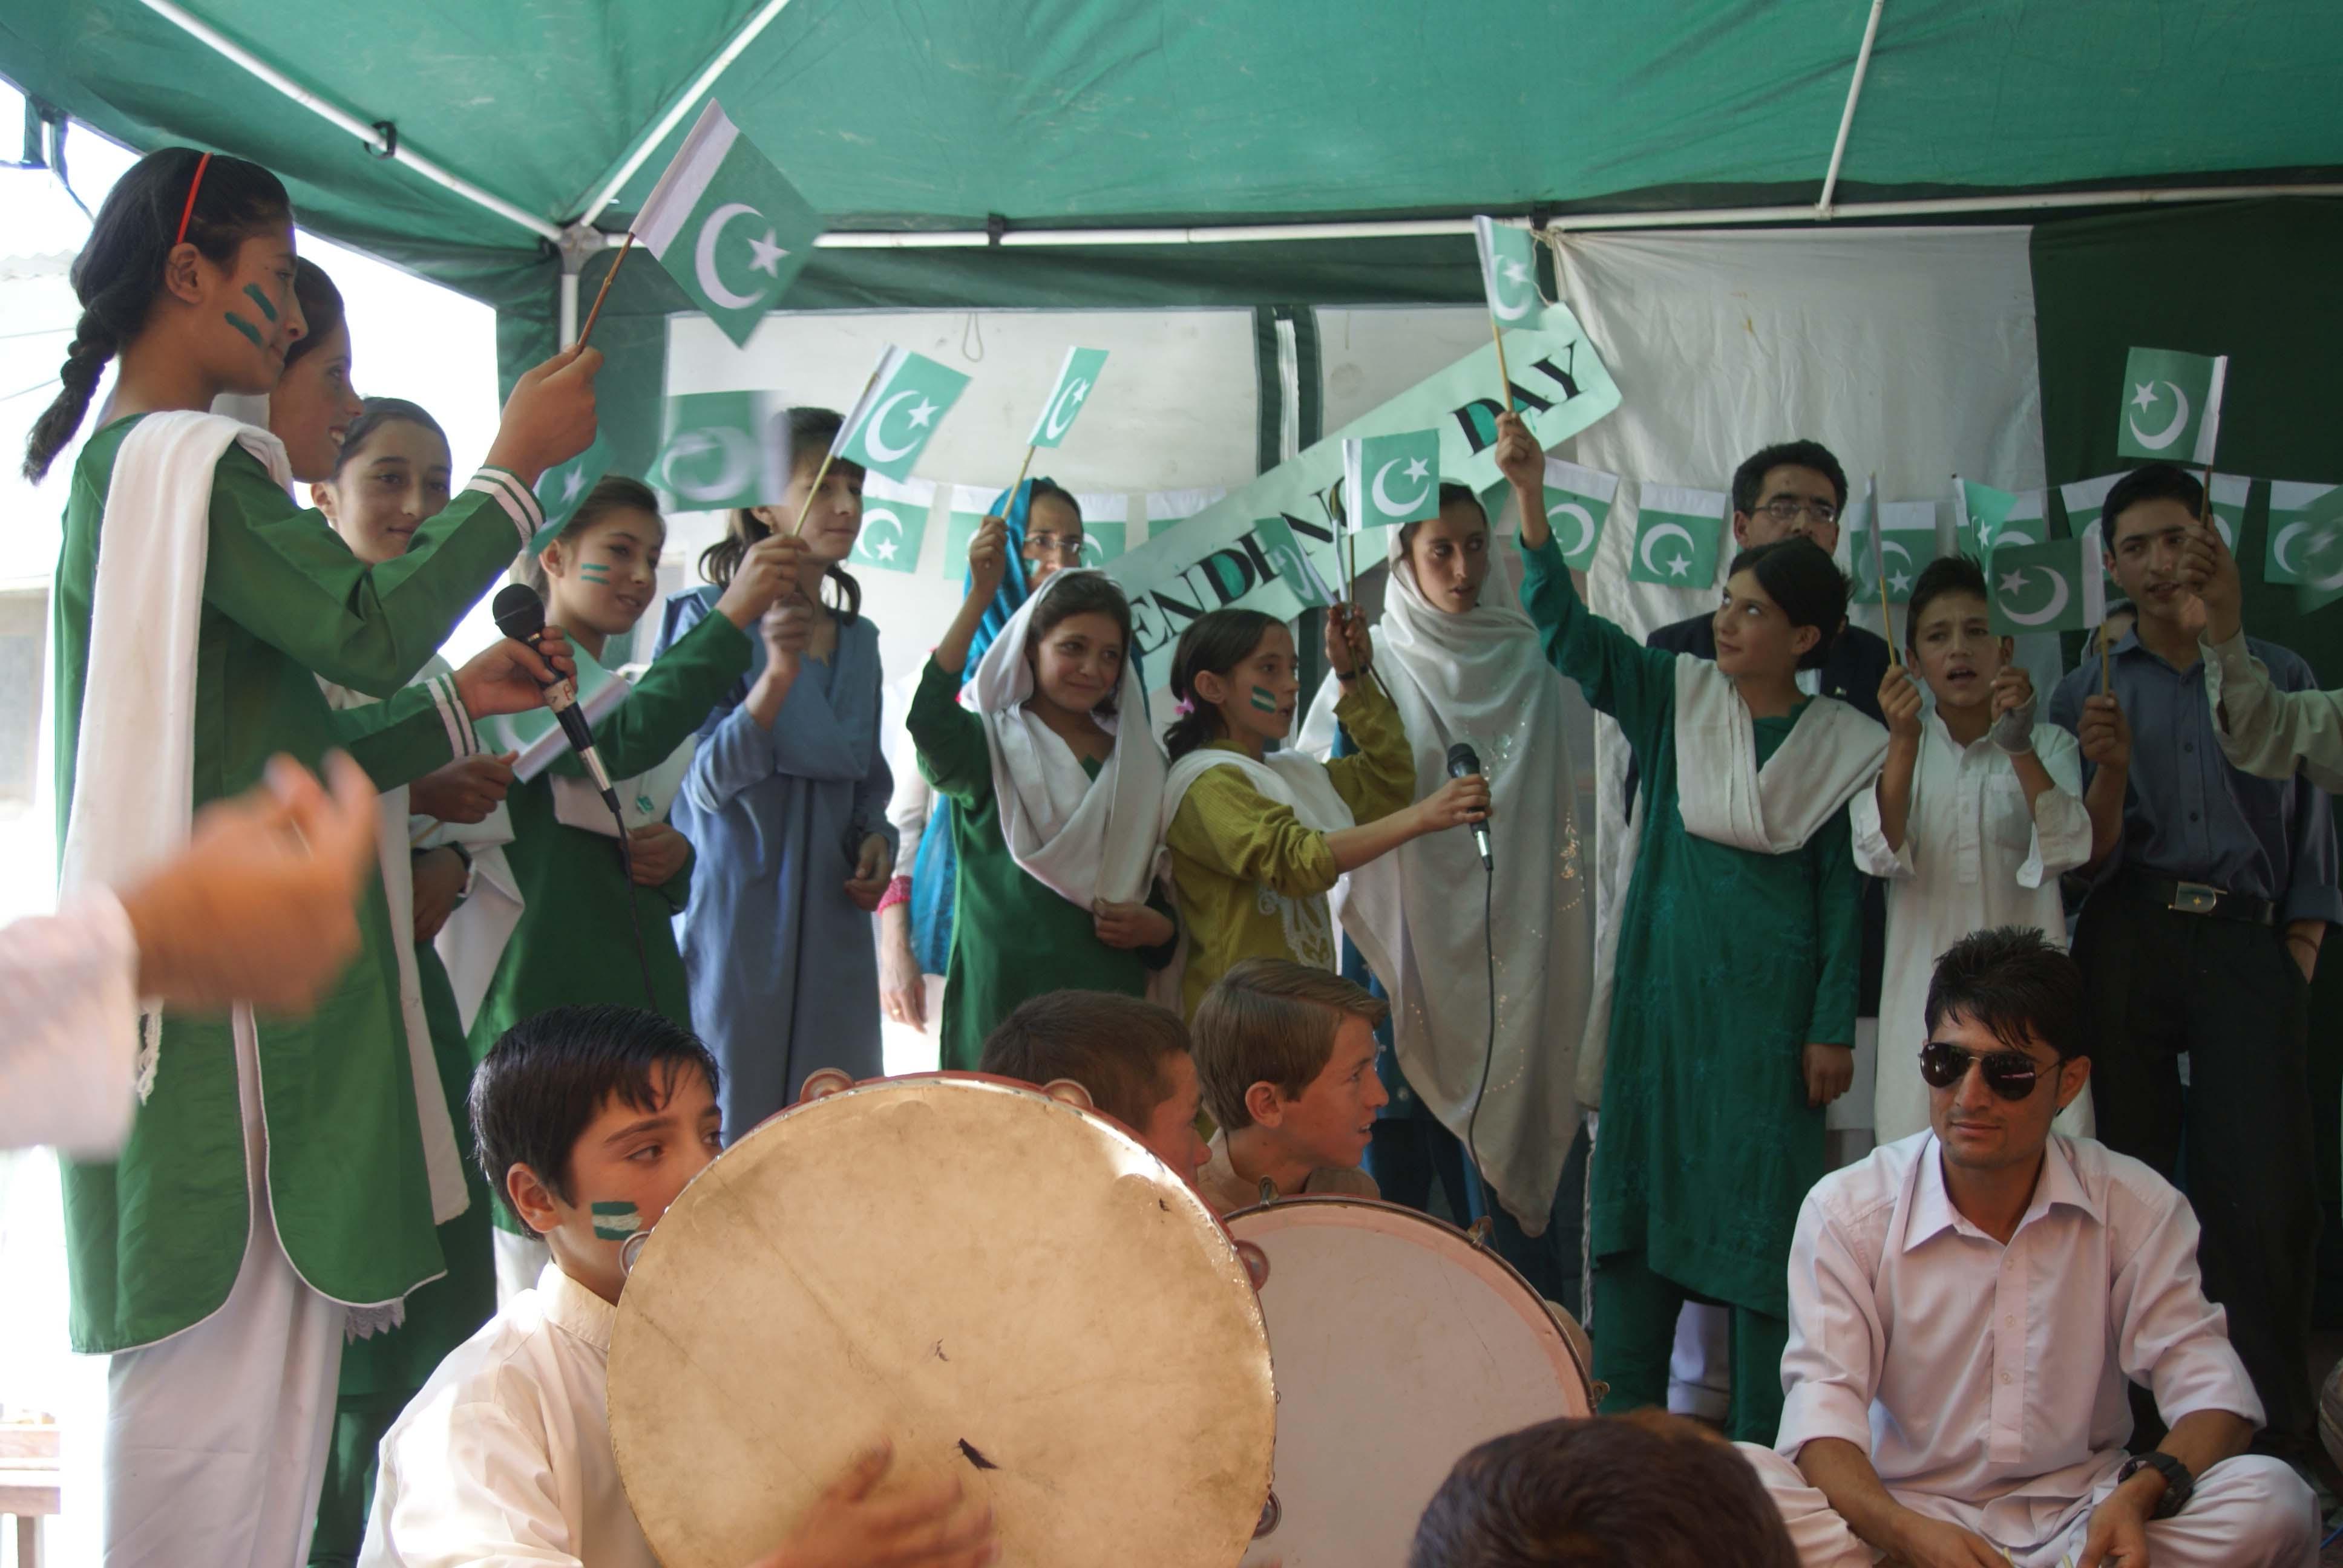 چترال: تحریک پاکستان کے ہیروز کو خراج تحسین پیش کرنے کیلئے تقریب کا اہتمام